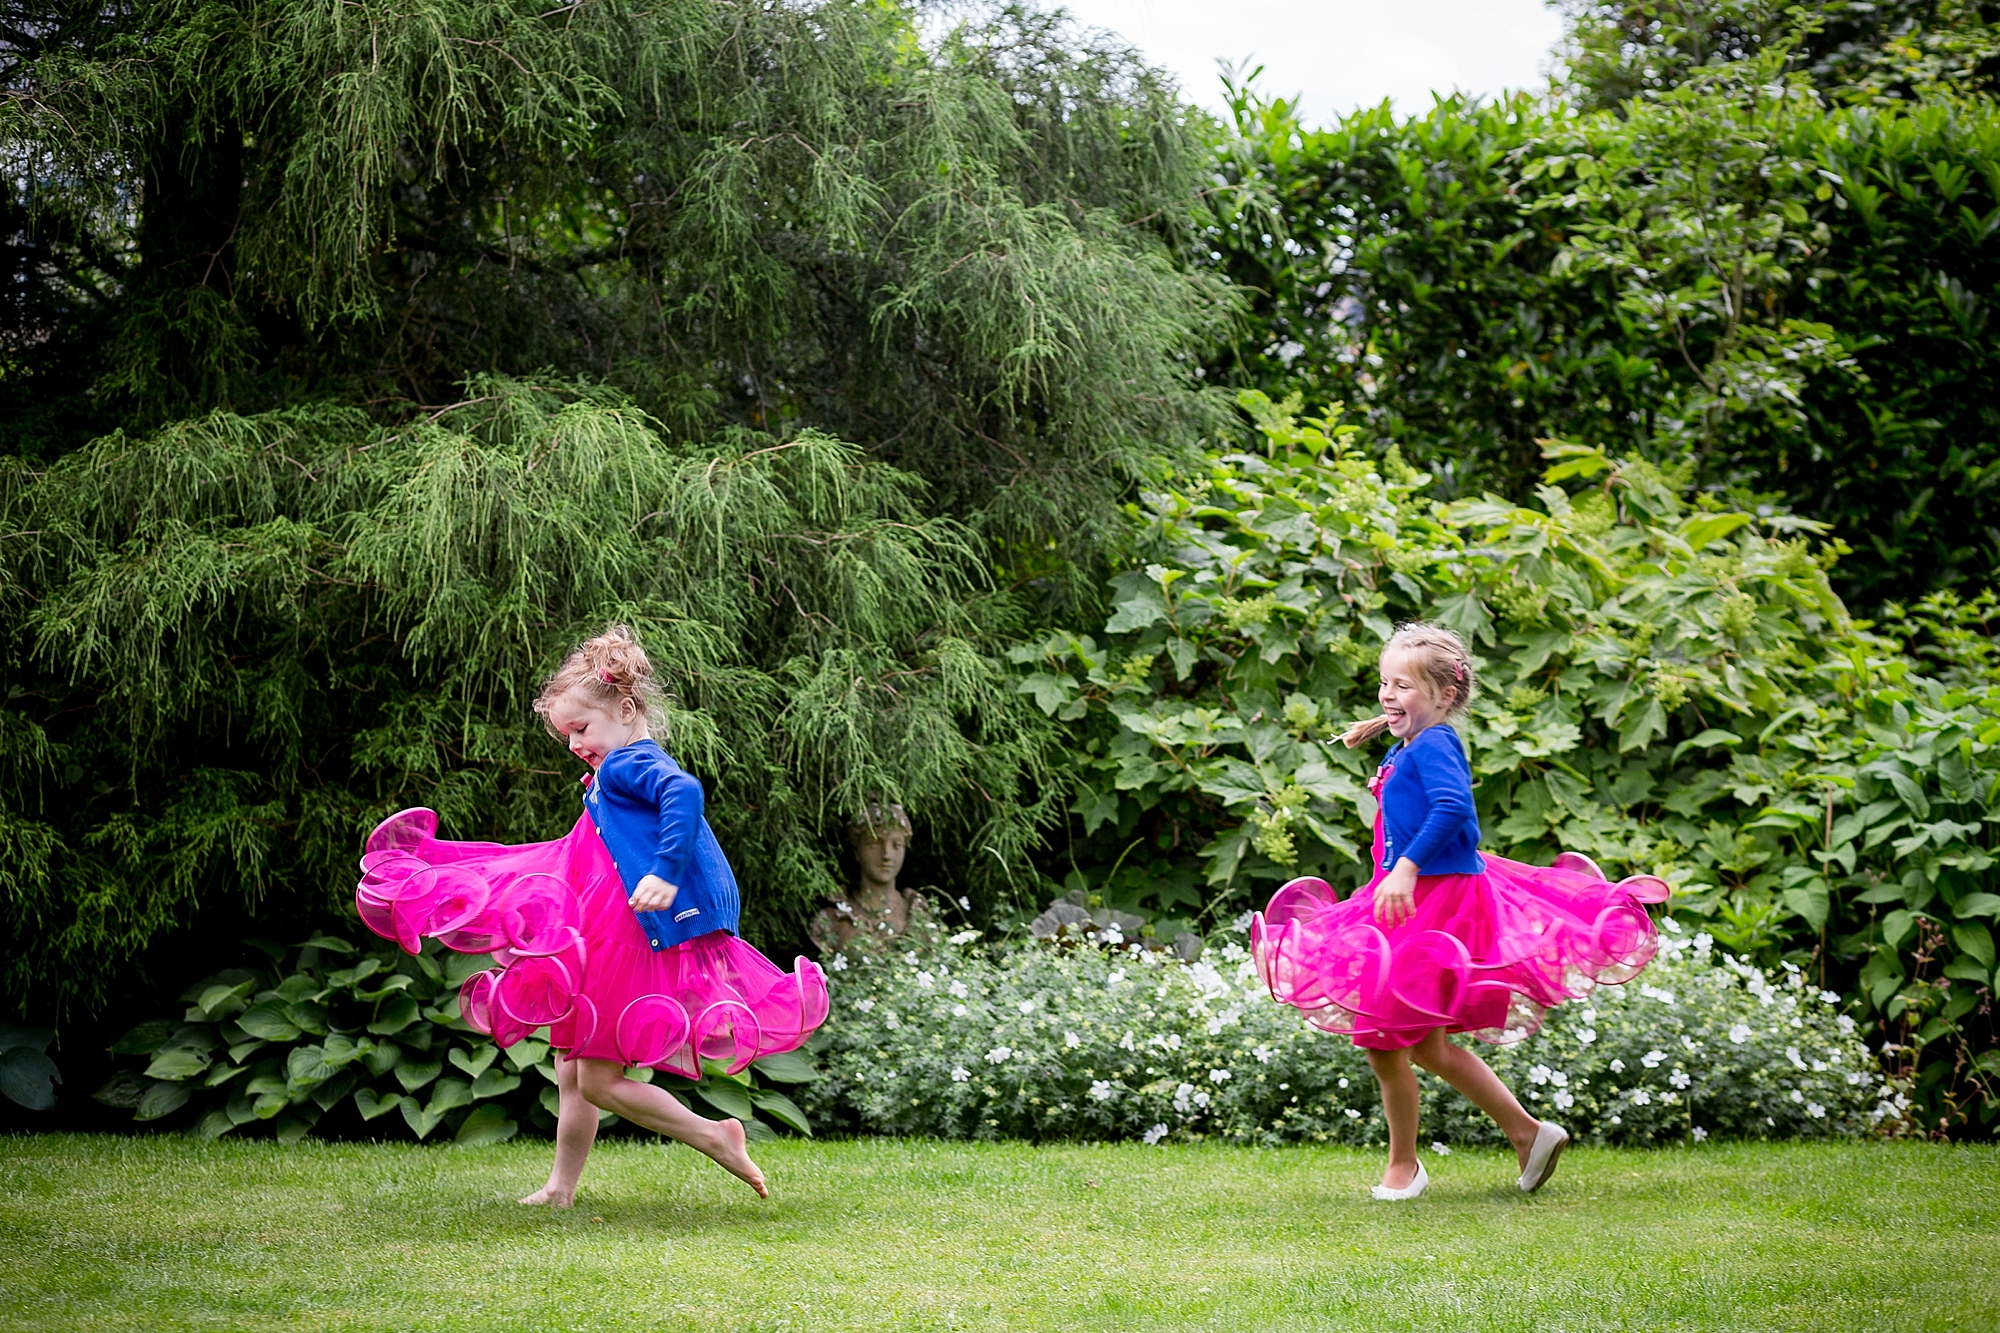 bruidsfotograaf-brabant-trouwen-in-het-bos-festivalbruiloft-vught-haaren_0080.jpg